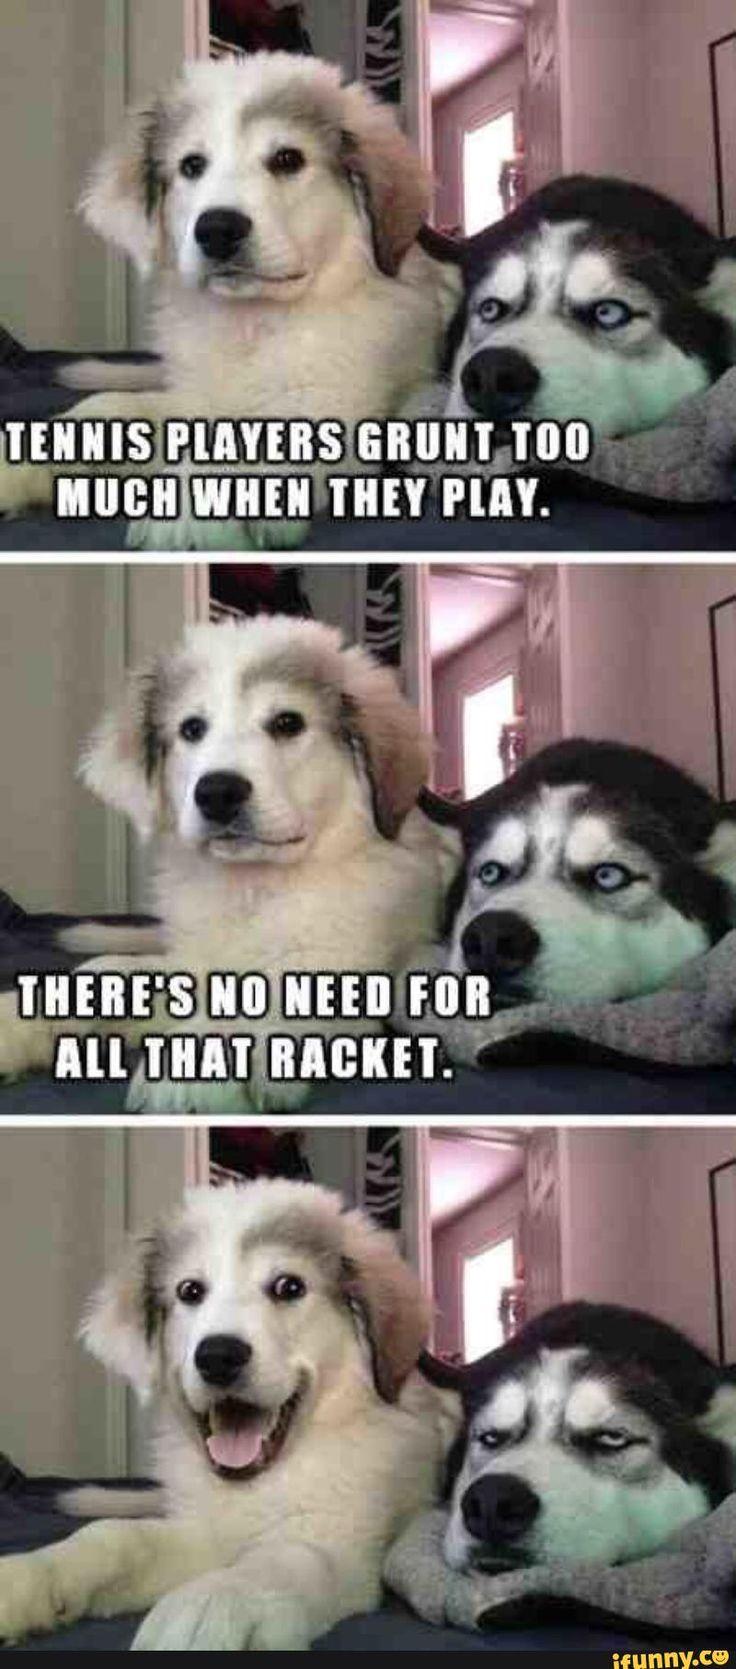 dog, pun, funny, joke                                                                                                                                                                                 More